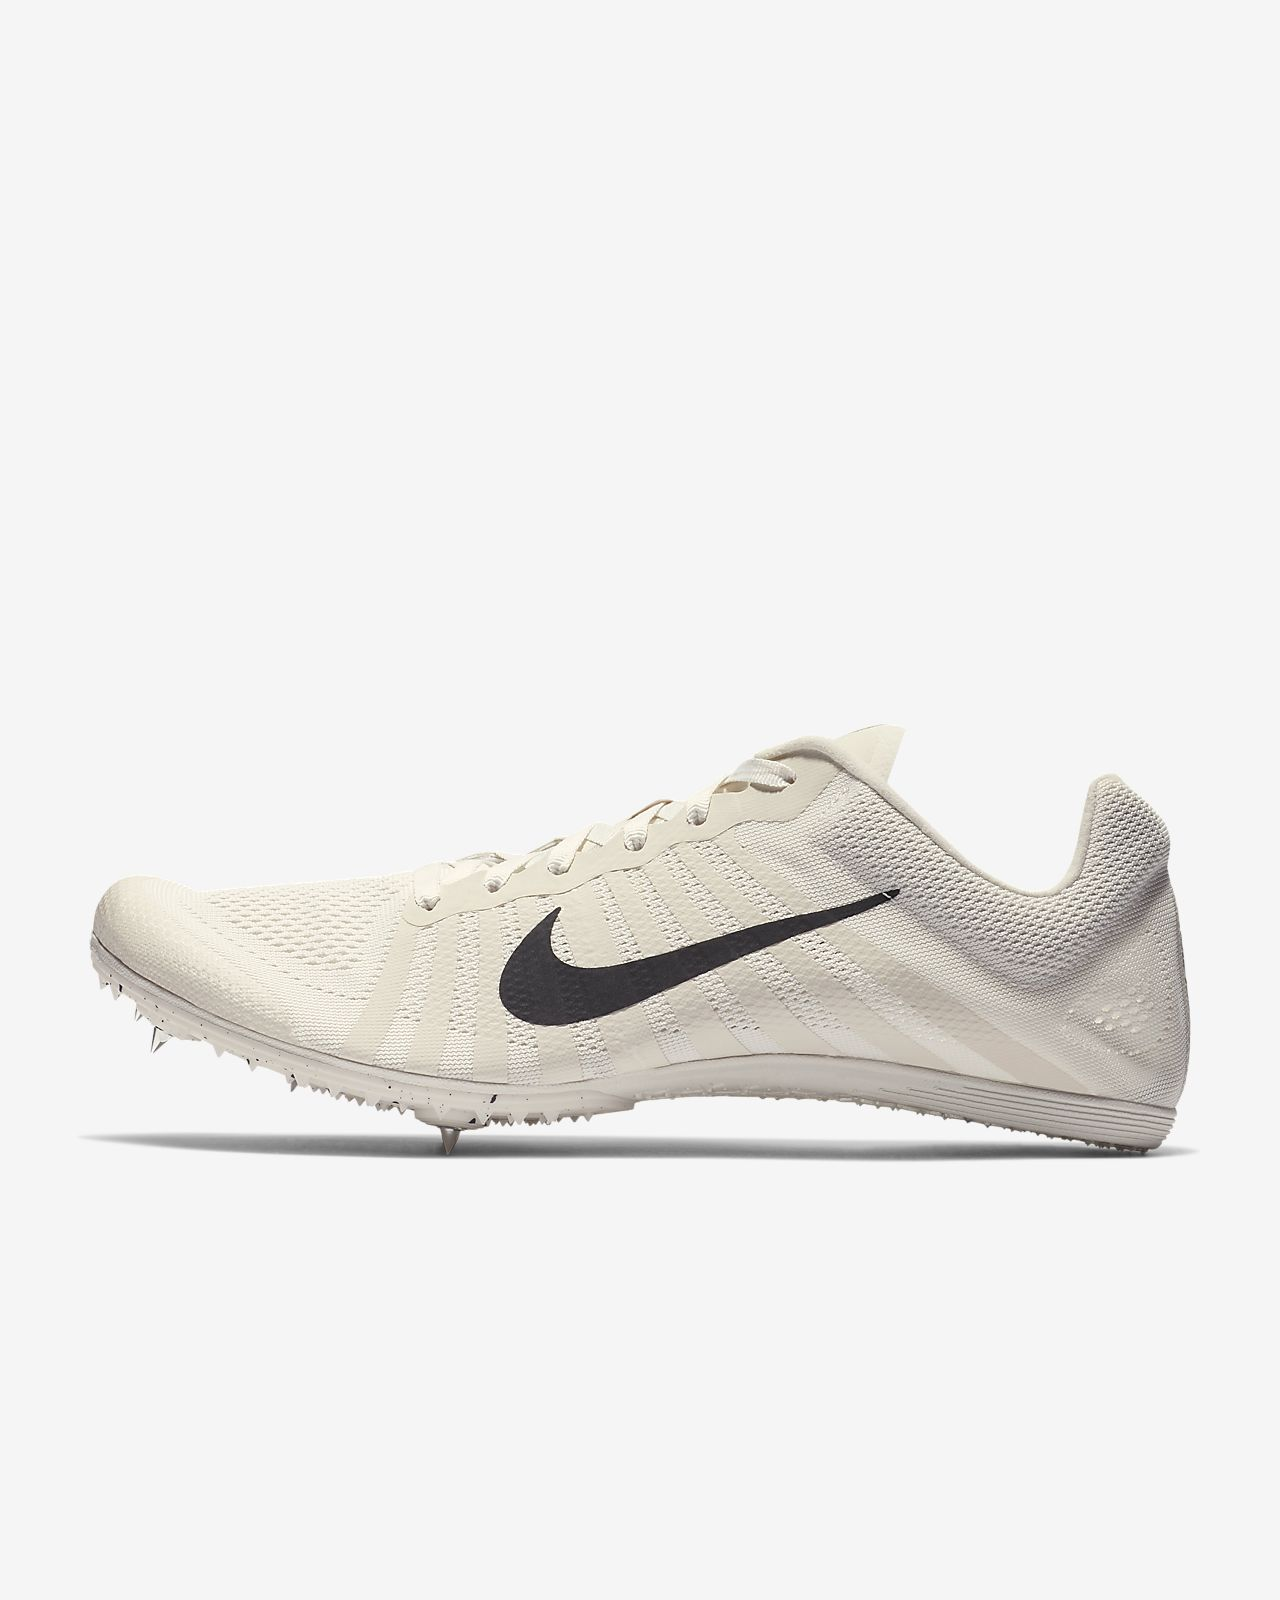 Kolce biegowe uniseks Nike Zoom D